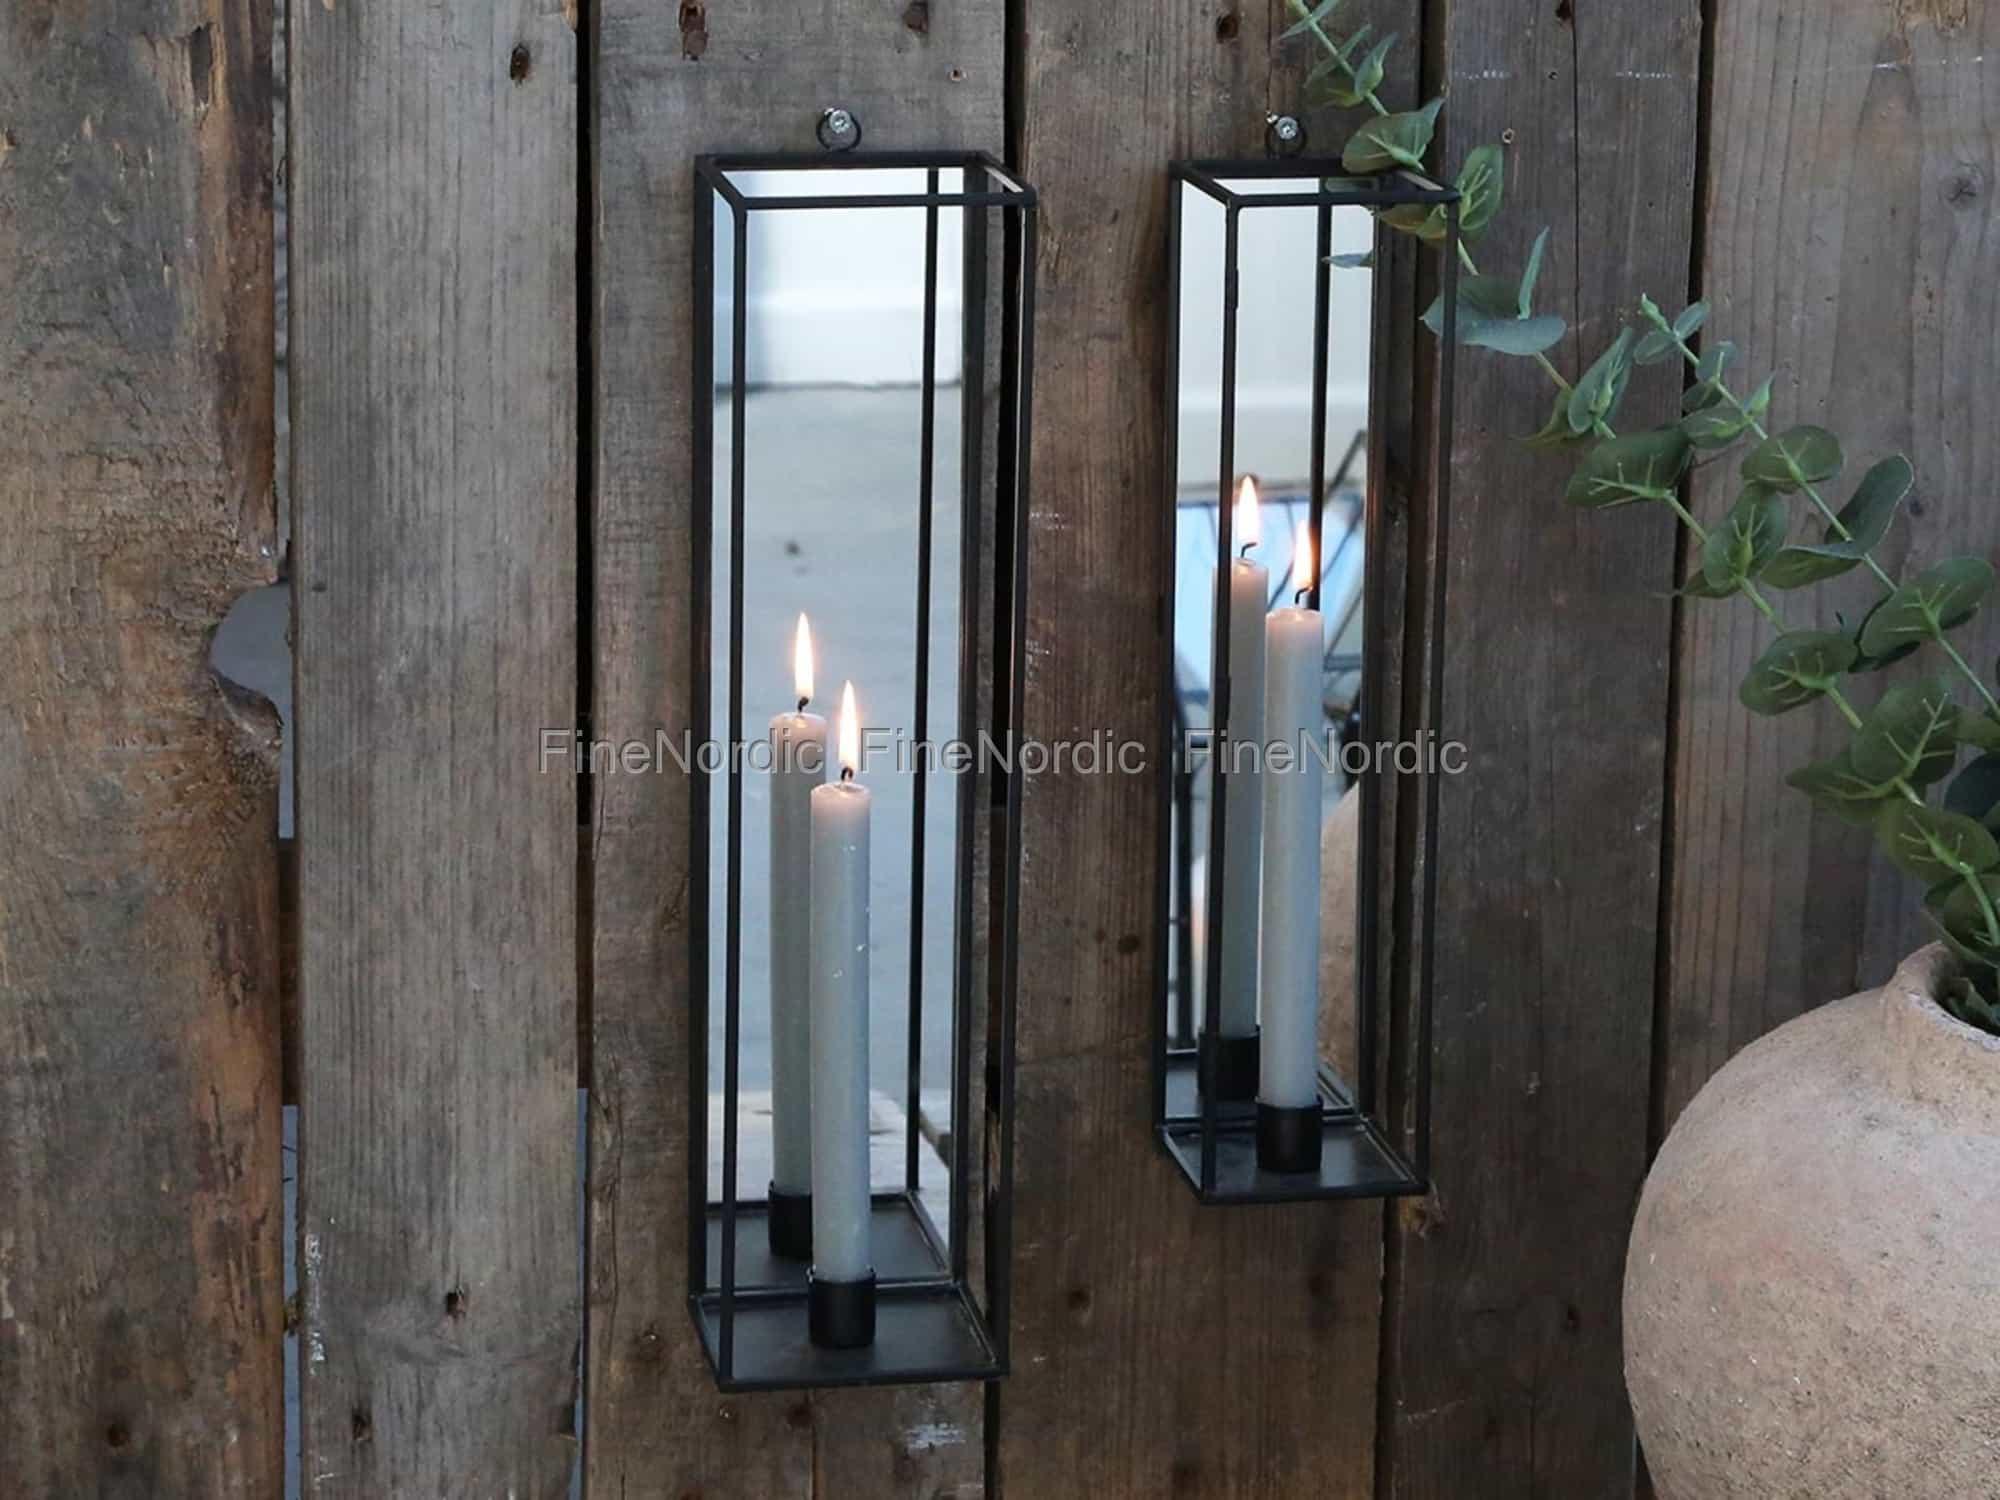 chic antique kerzenhalter f r wand mit spiegel antique kohle klein. Black Bedroom Furniture Sets. Home Design Ideas